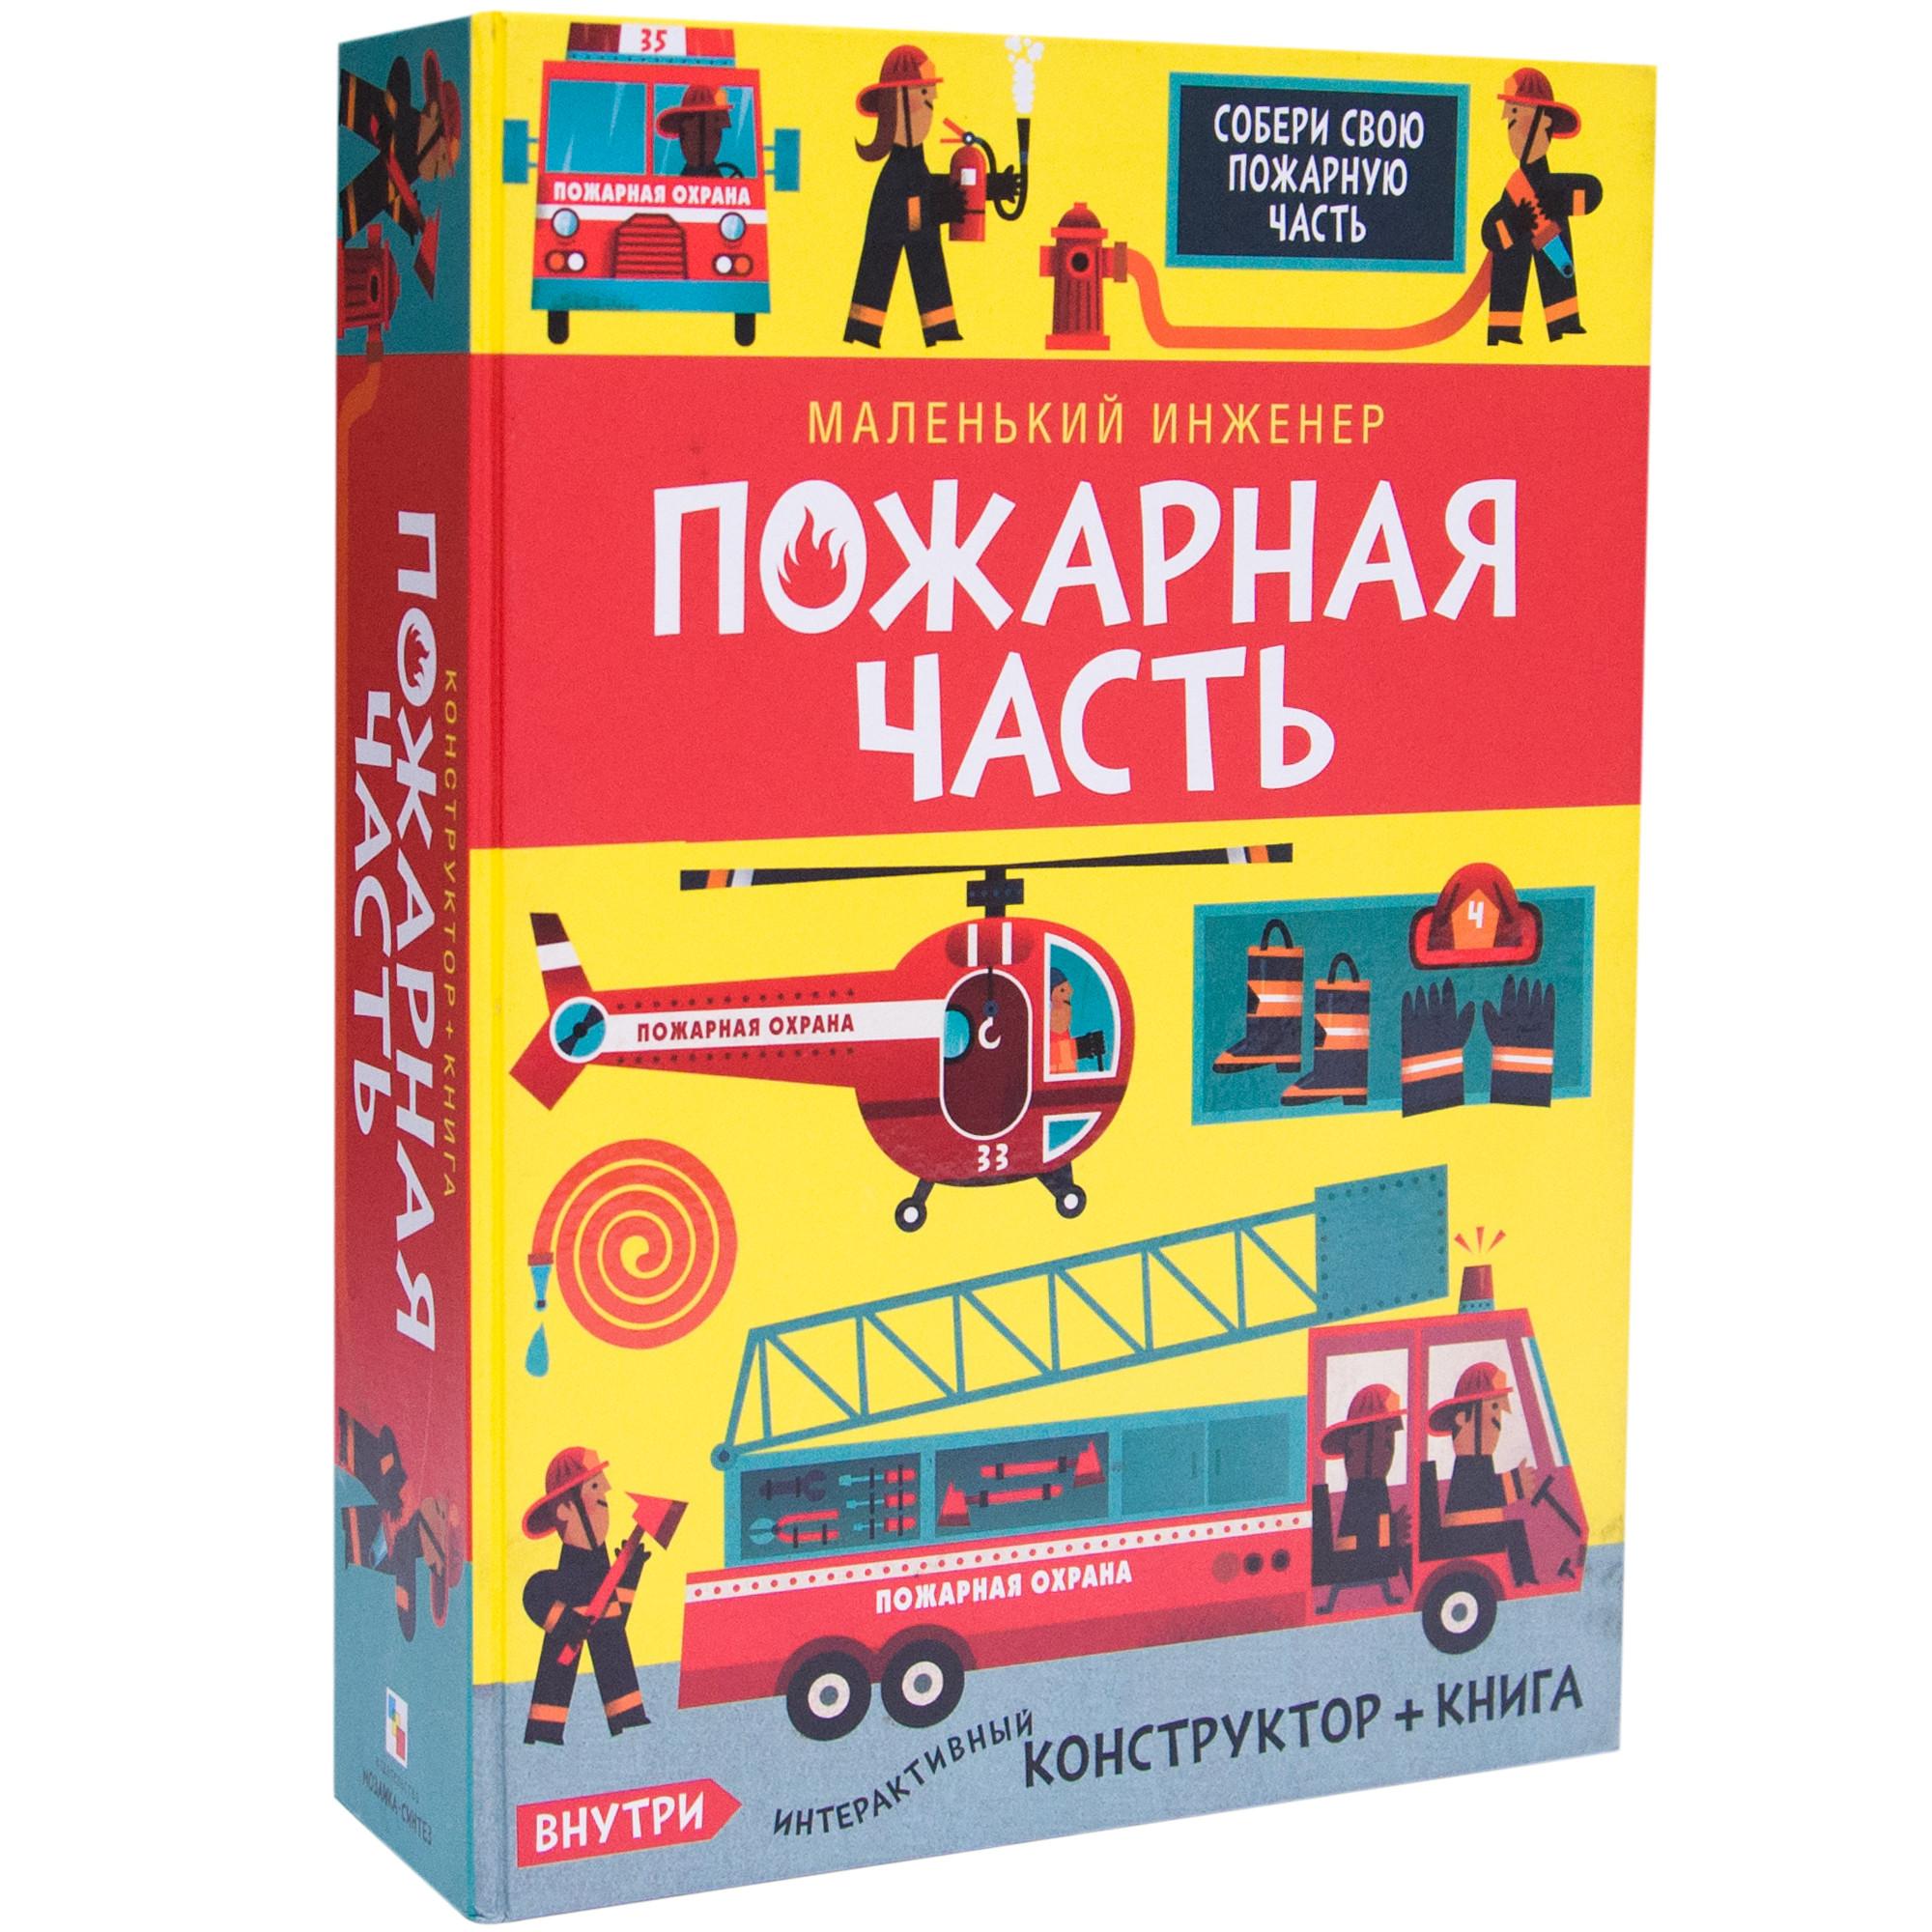 Книжка Мозаика-Синтез Маленький инженер Пожарная часть пособие мозаика синтез маленький инженер пожарная часть мс11213